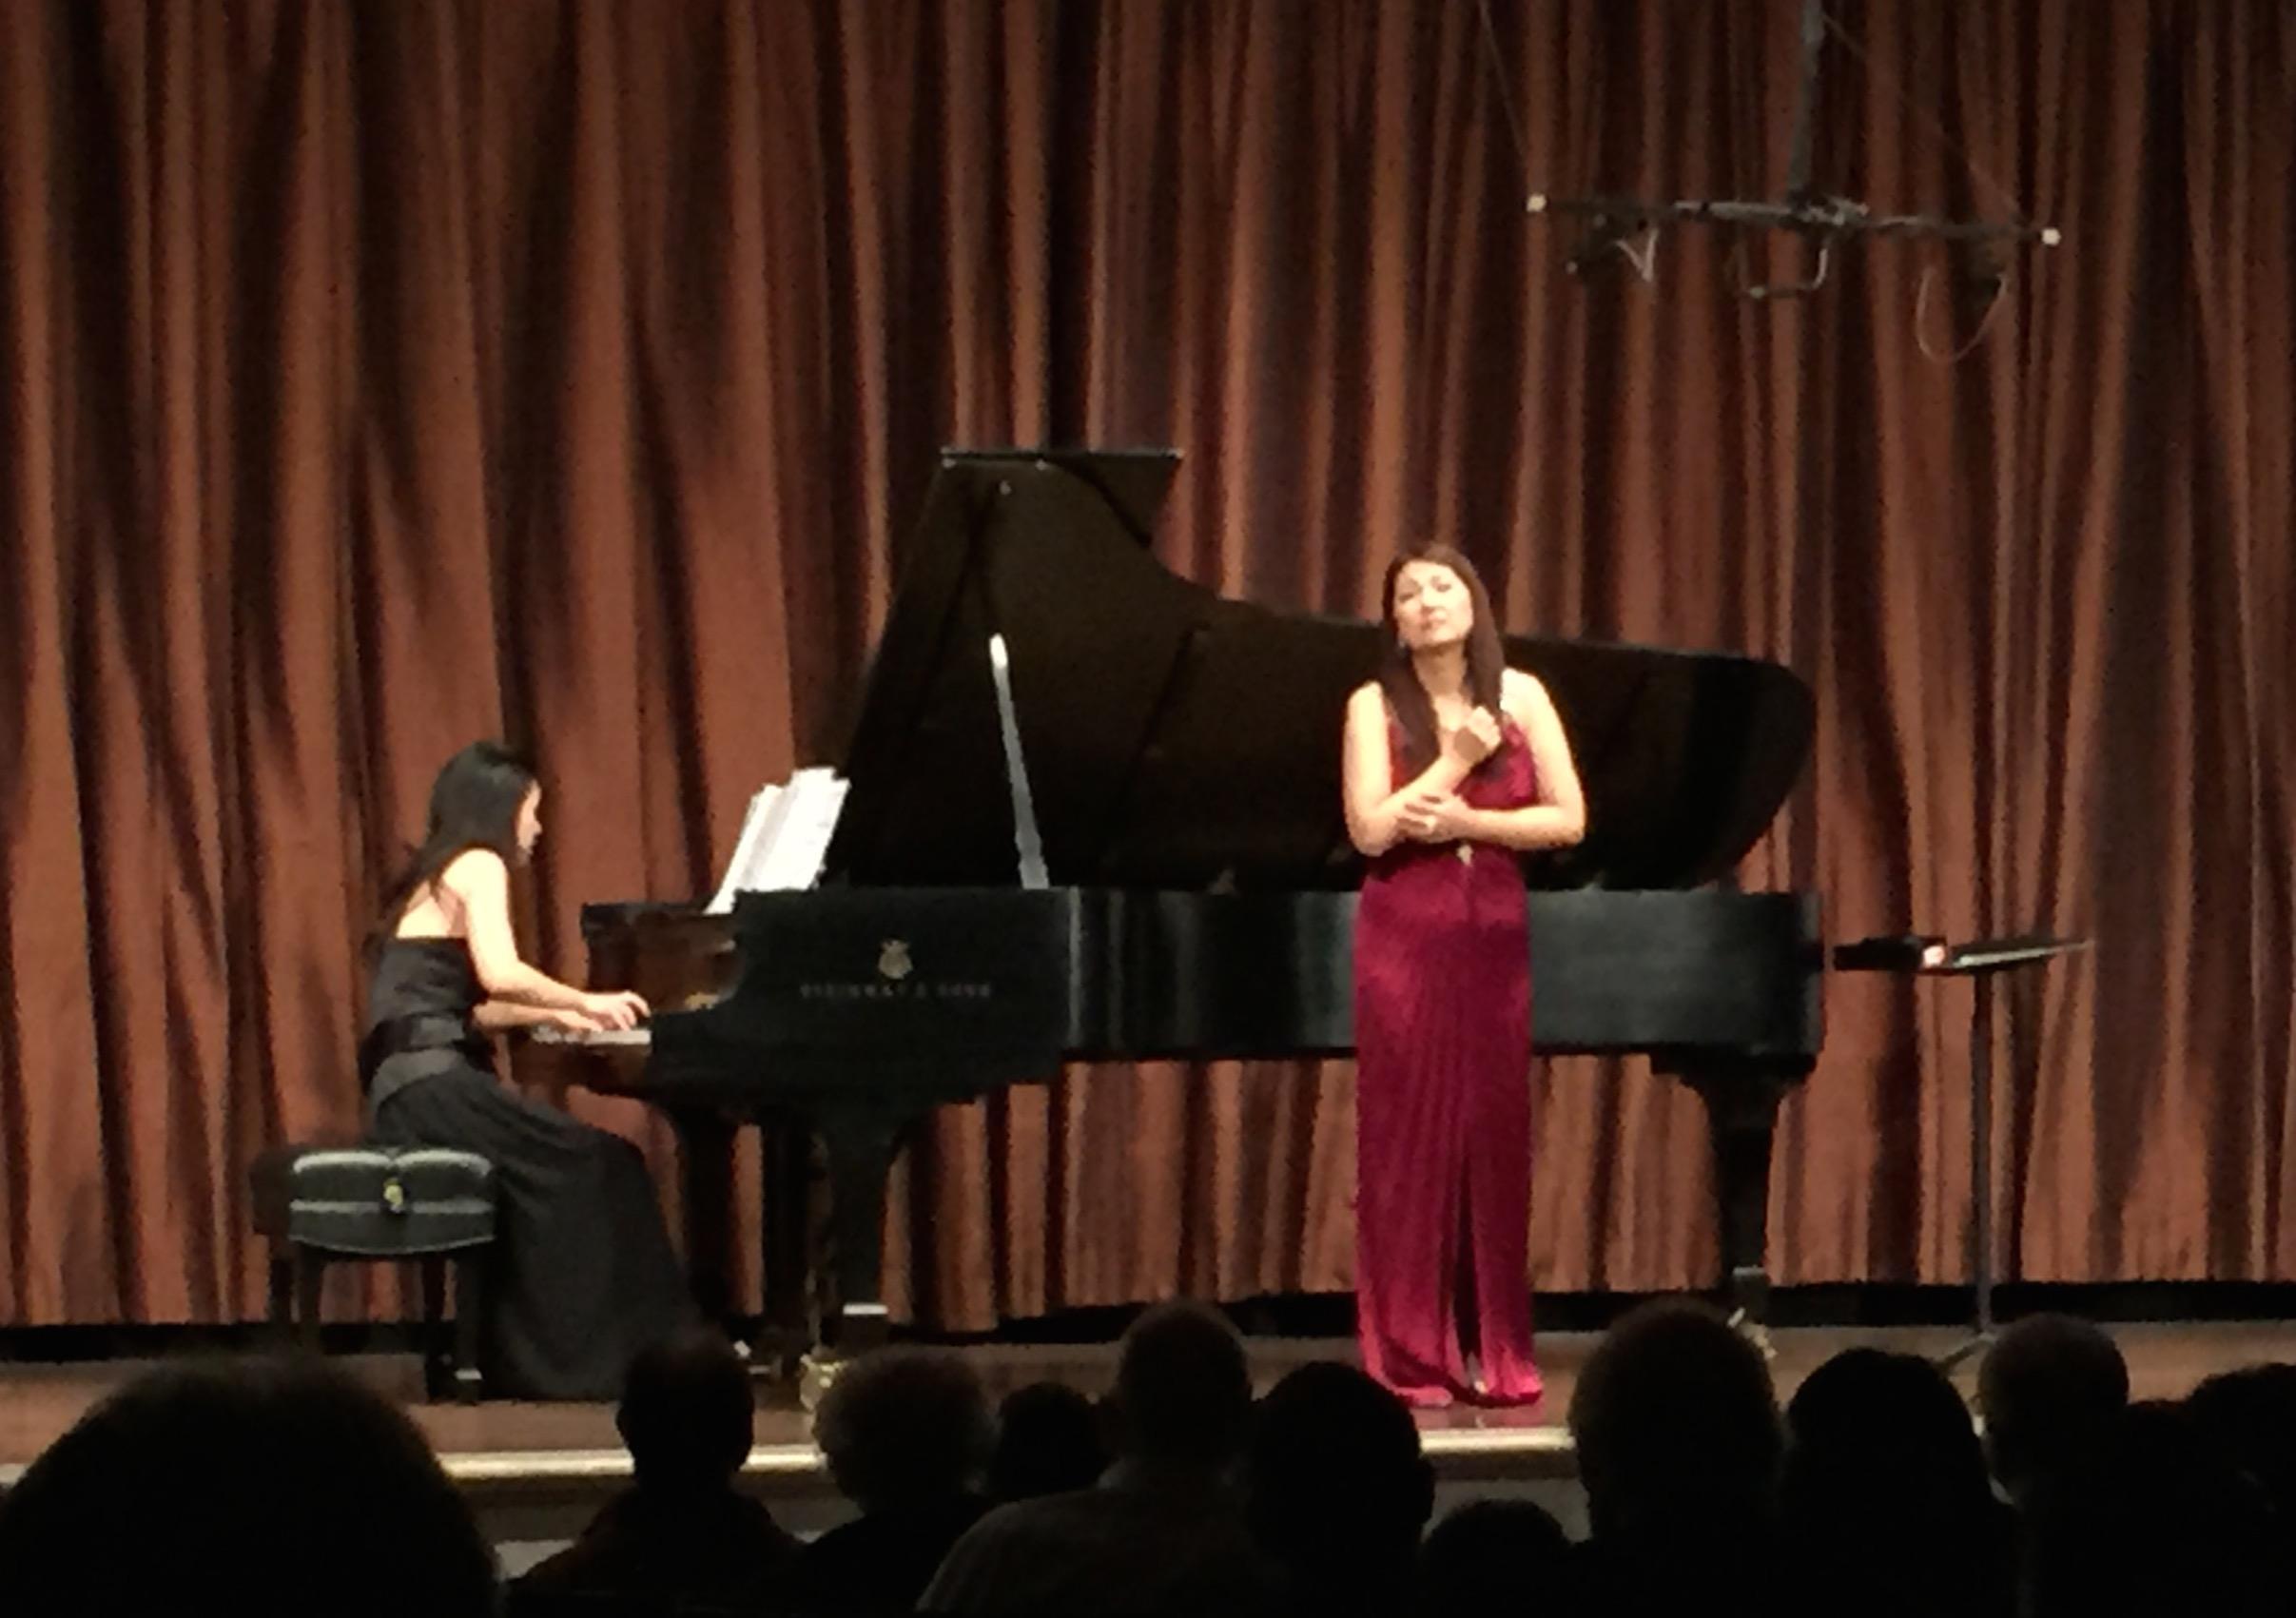 田村麻子さんのコンサート